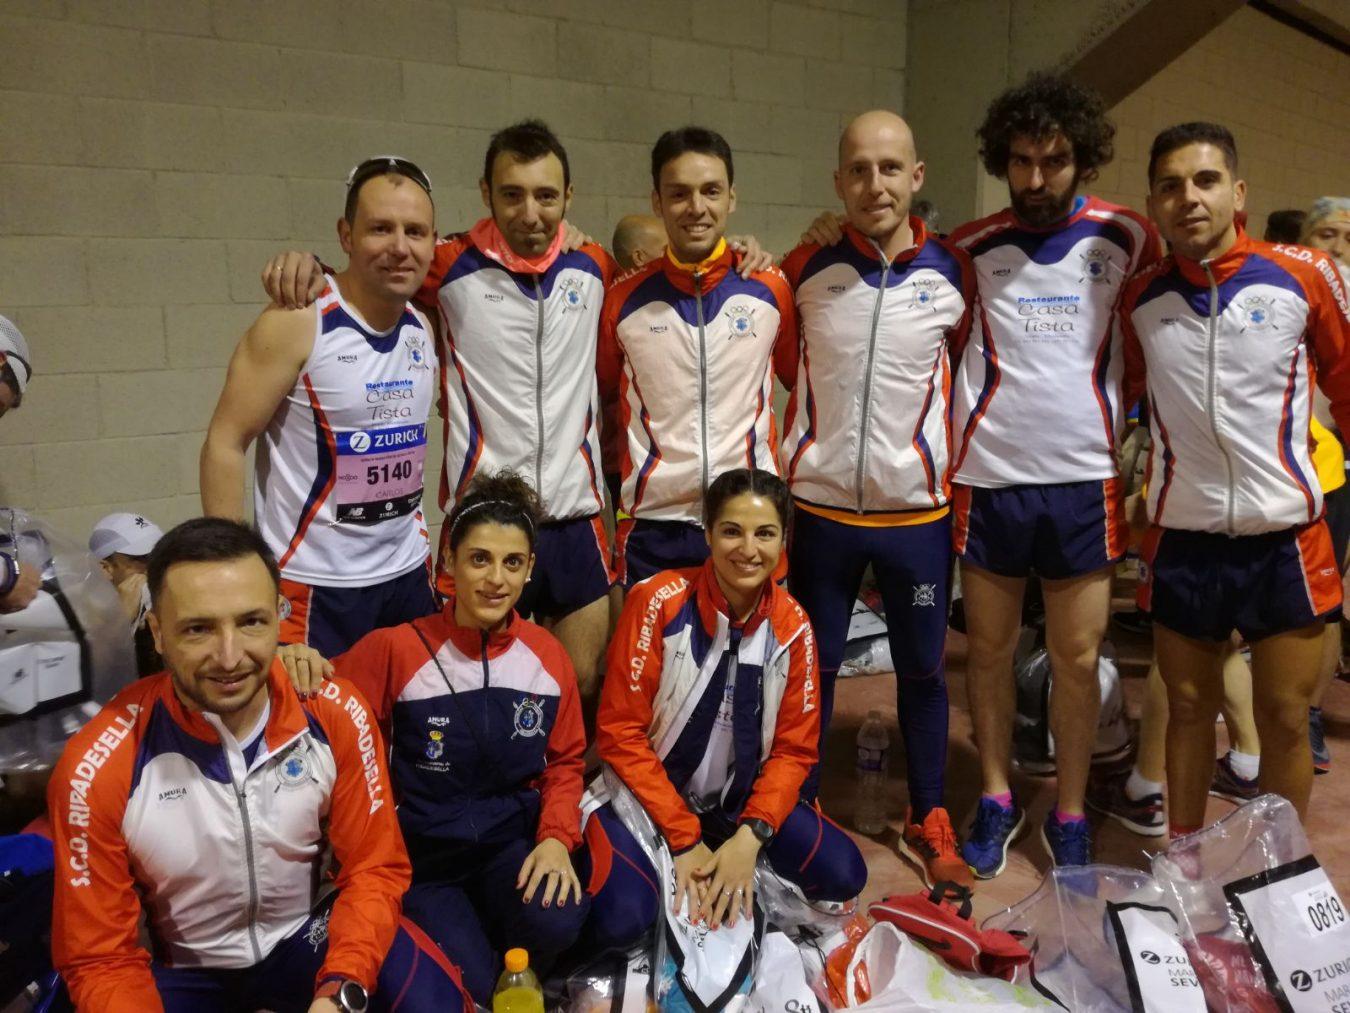 Nueve atletas de La Cultural de Ribadesella en la Maratón de Sevilla